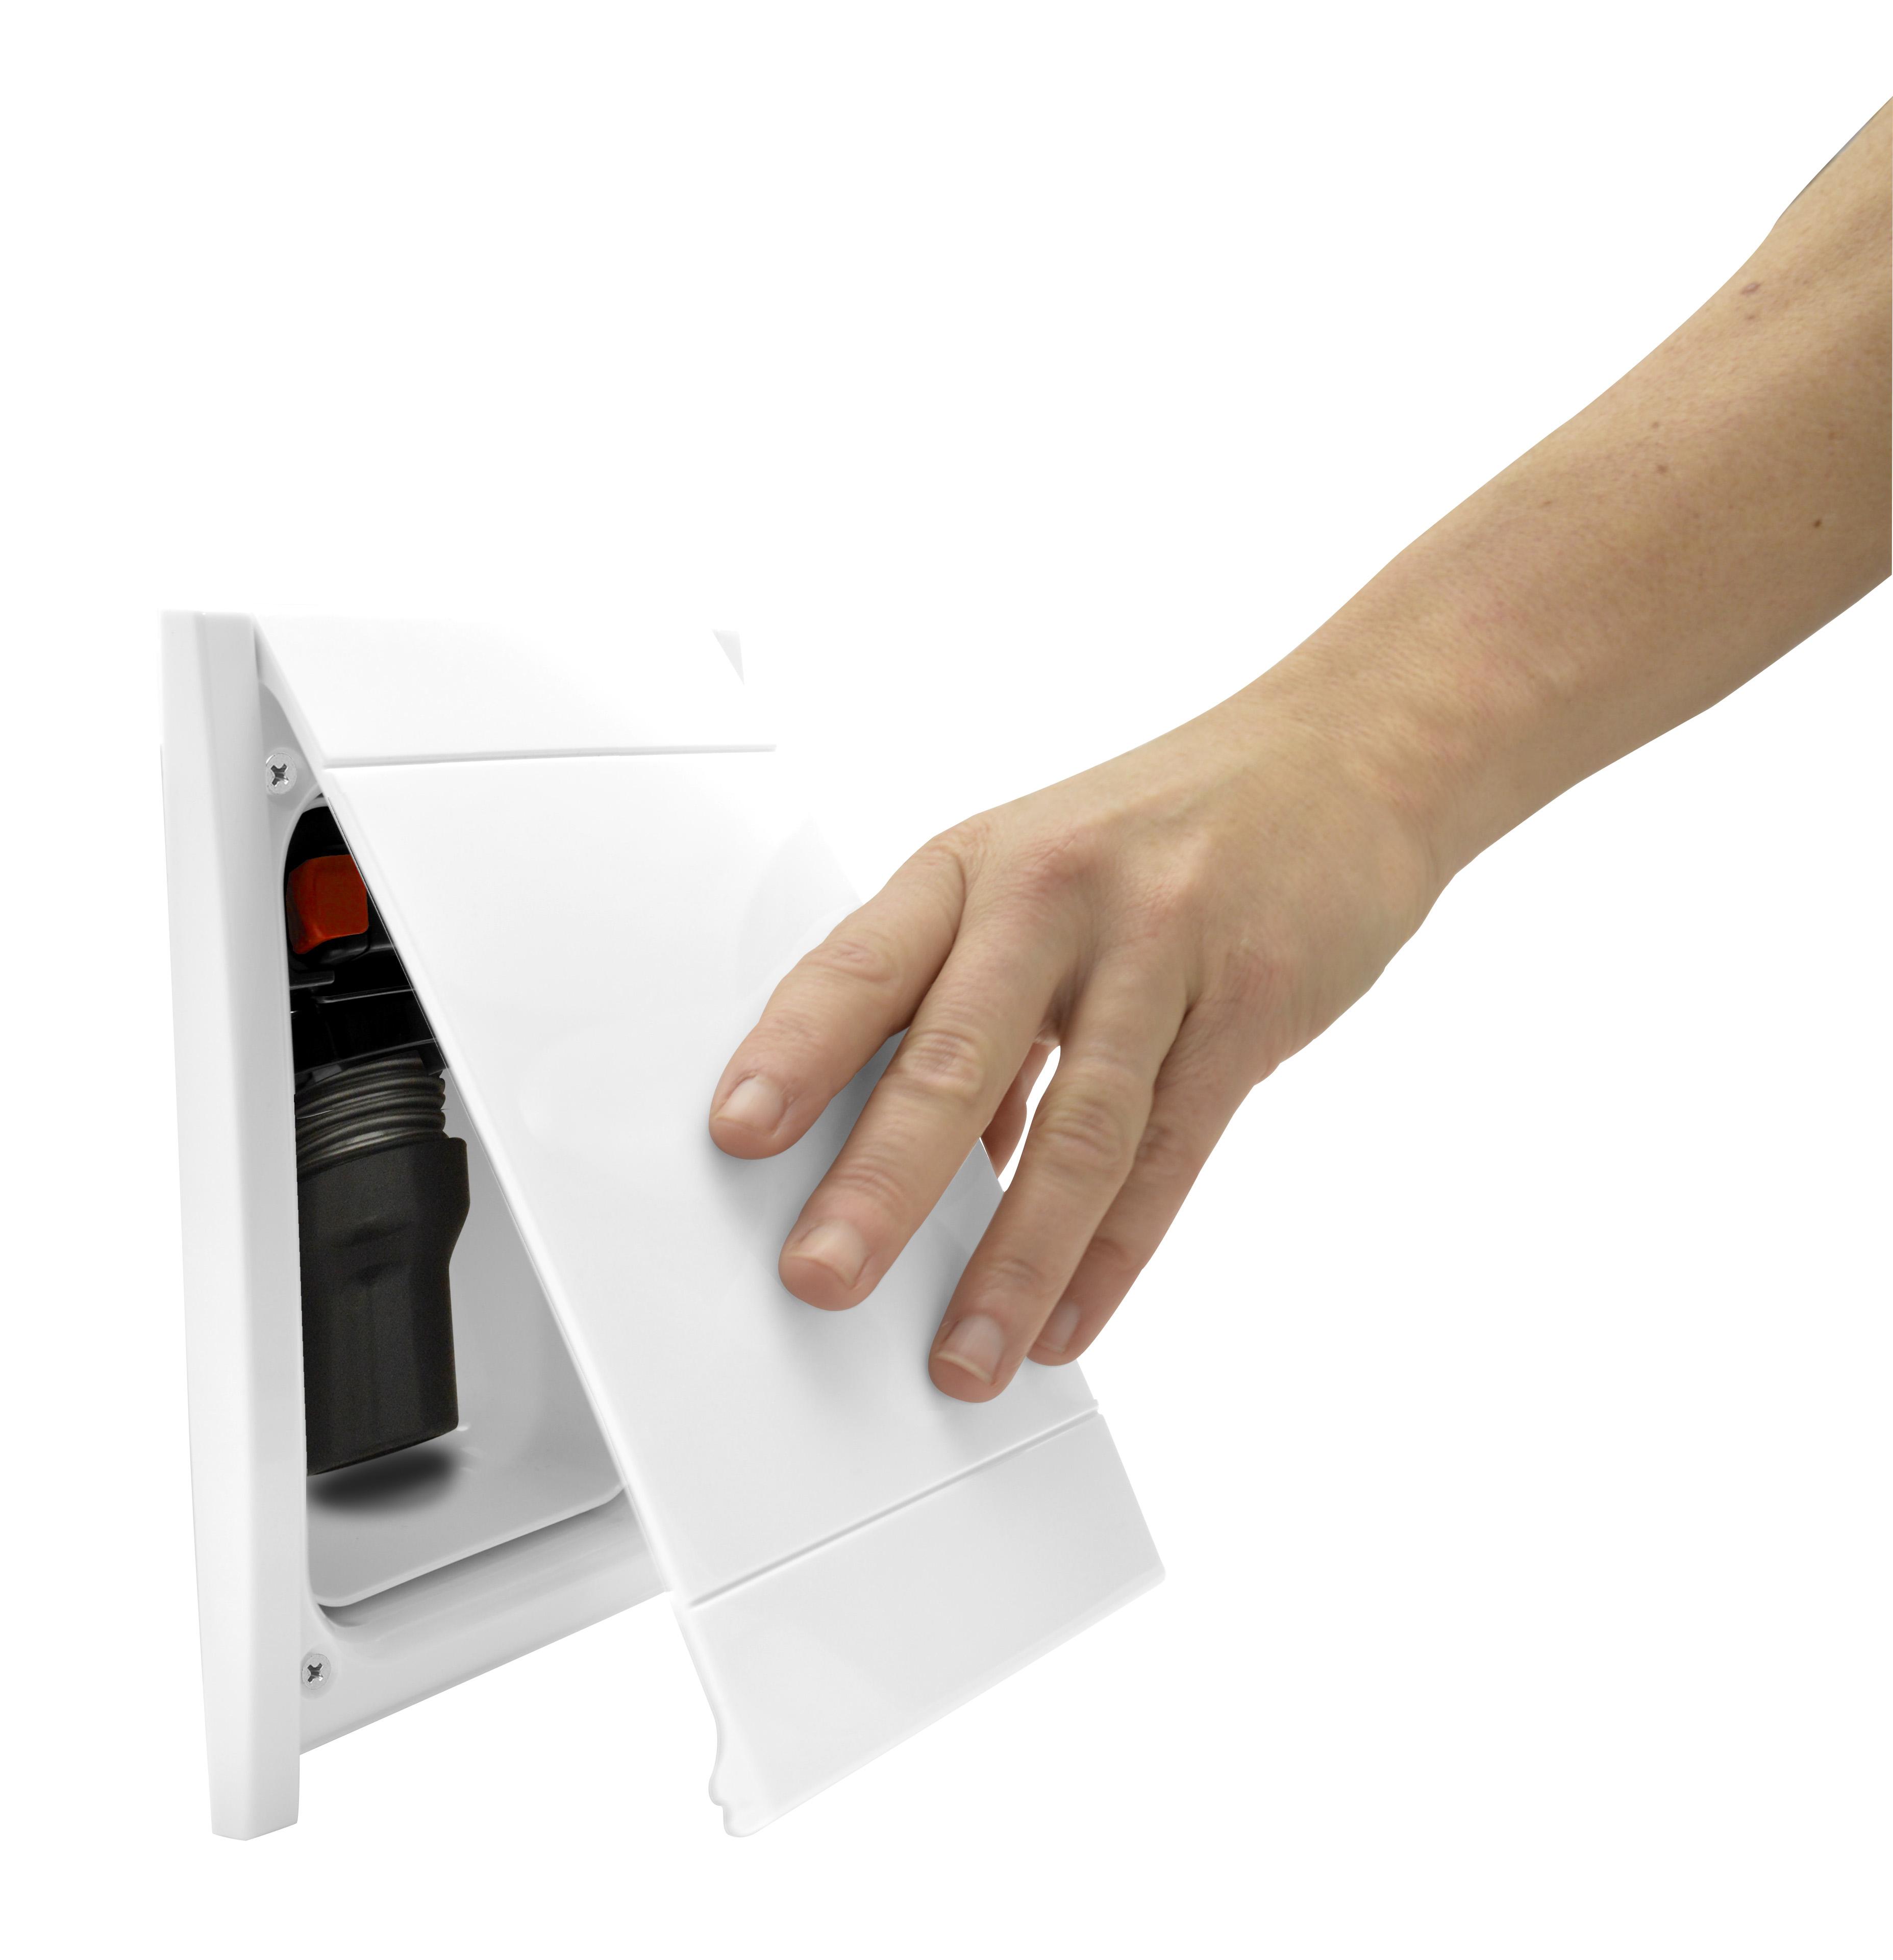 Drzwiczki do kasety gniazda Retraflex II, białe